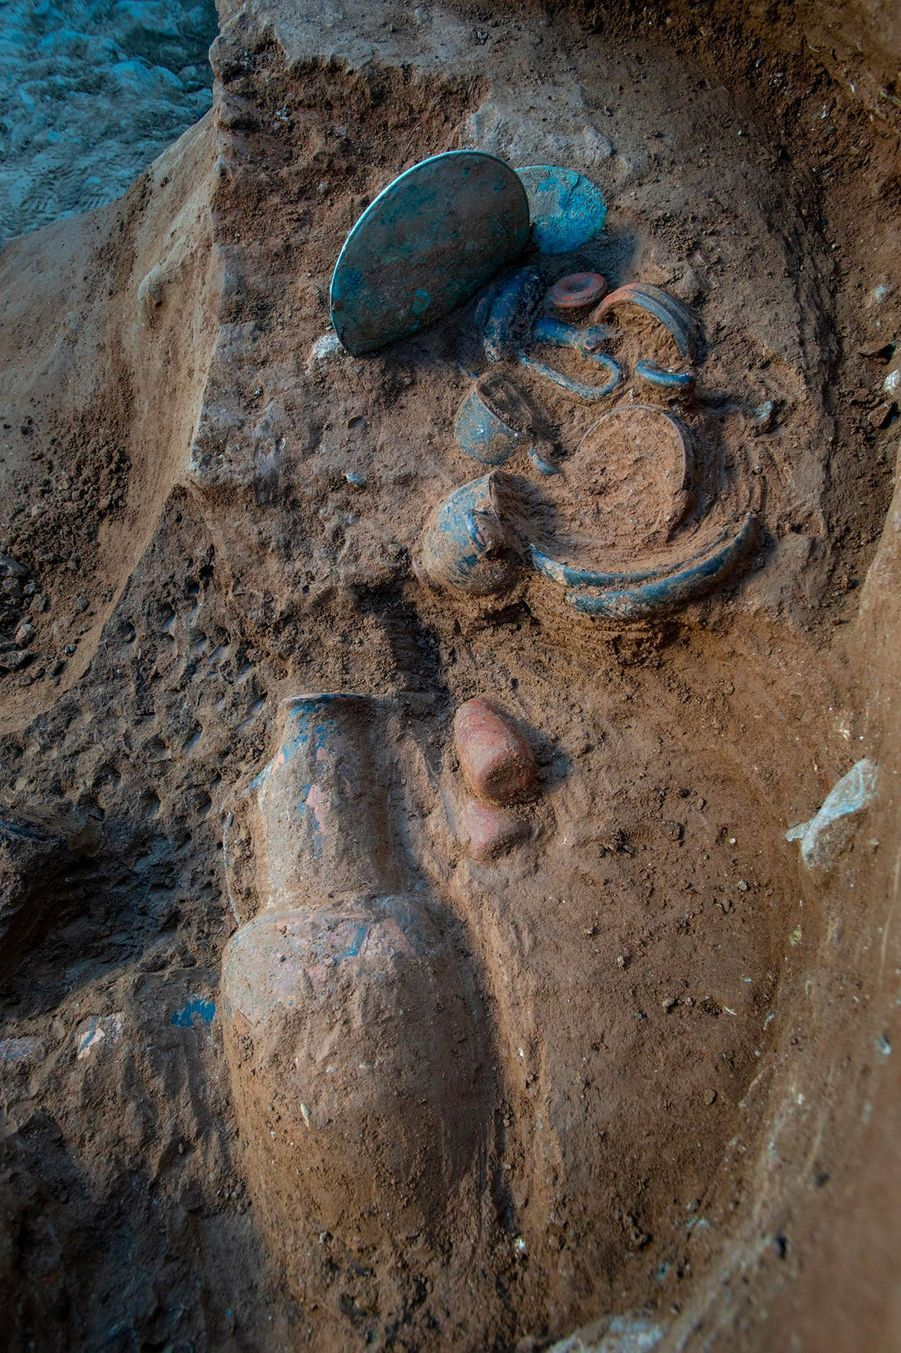 Poteries, objets en bronze et miroir en cours d'exhumation dans une tombe étrusque.